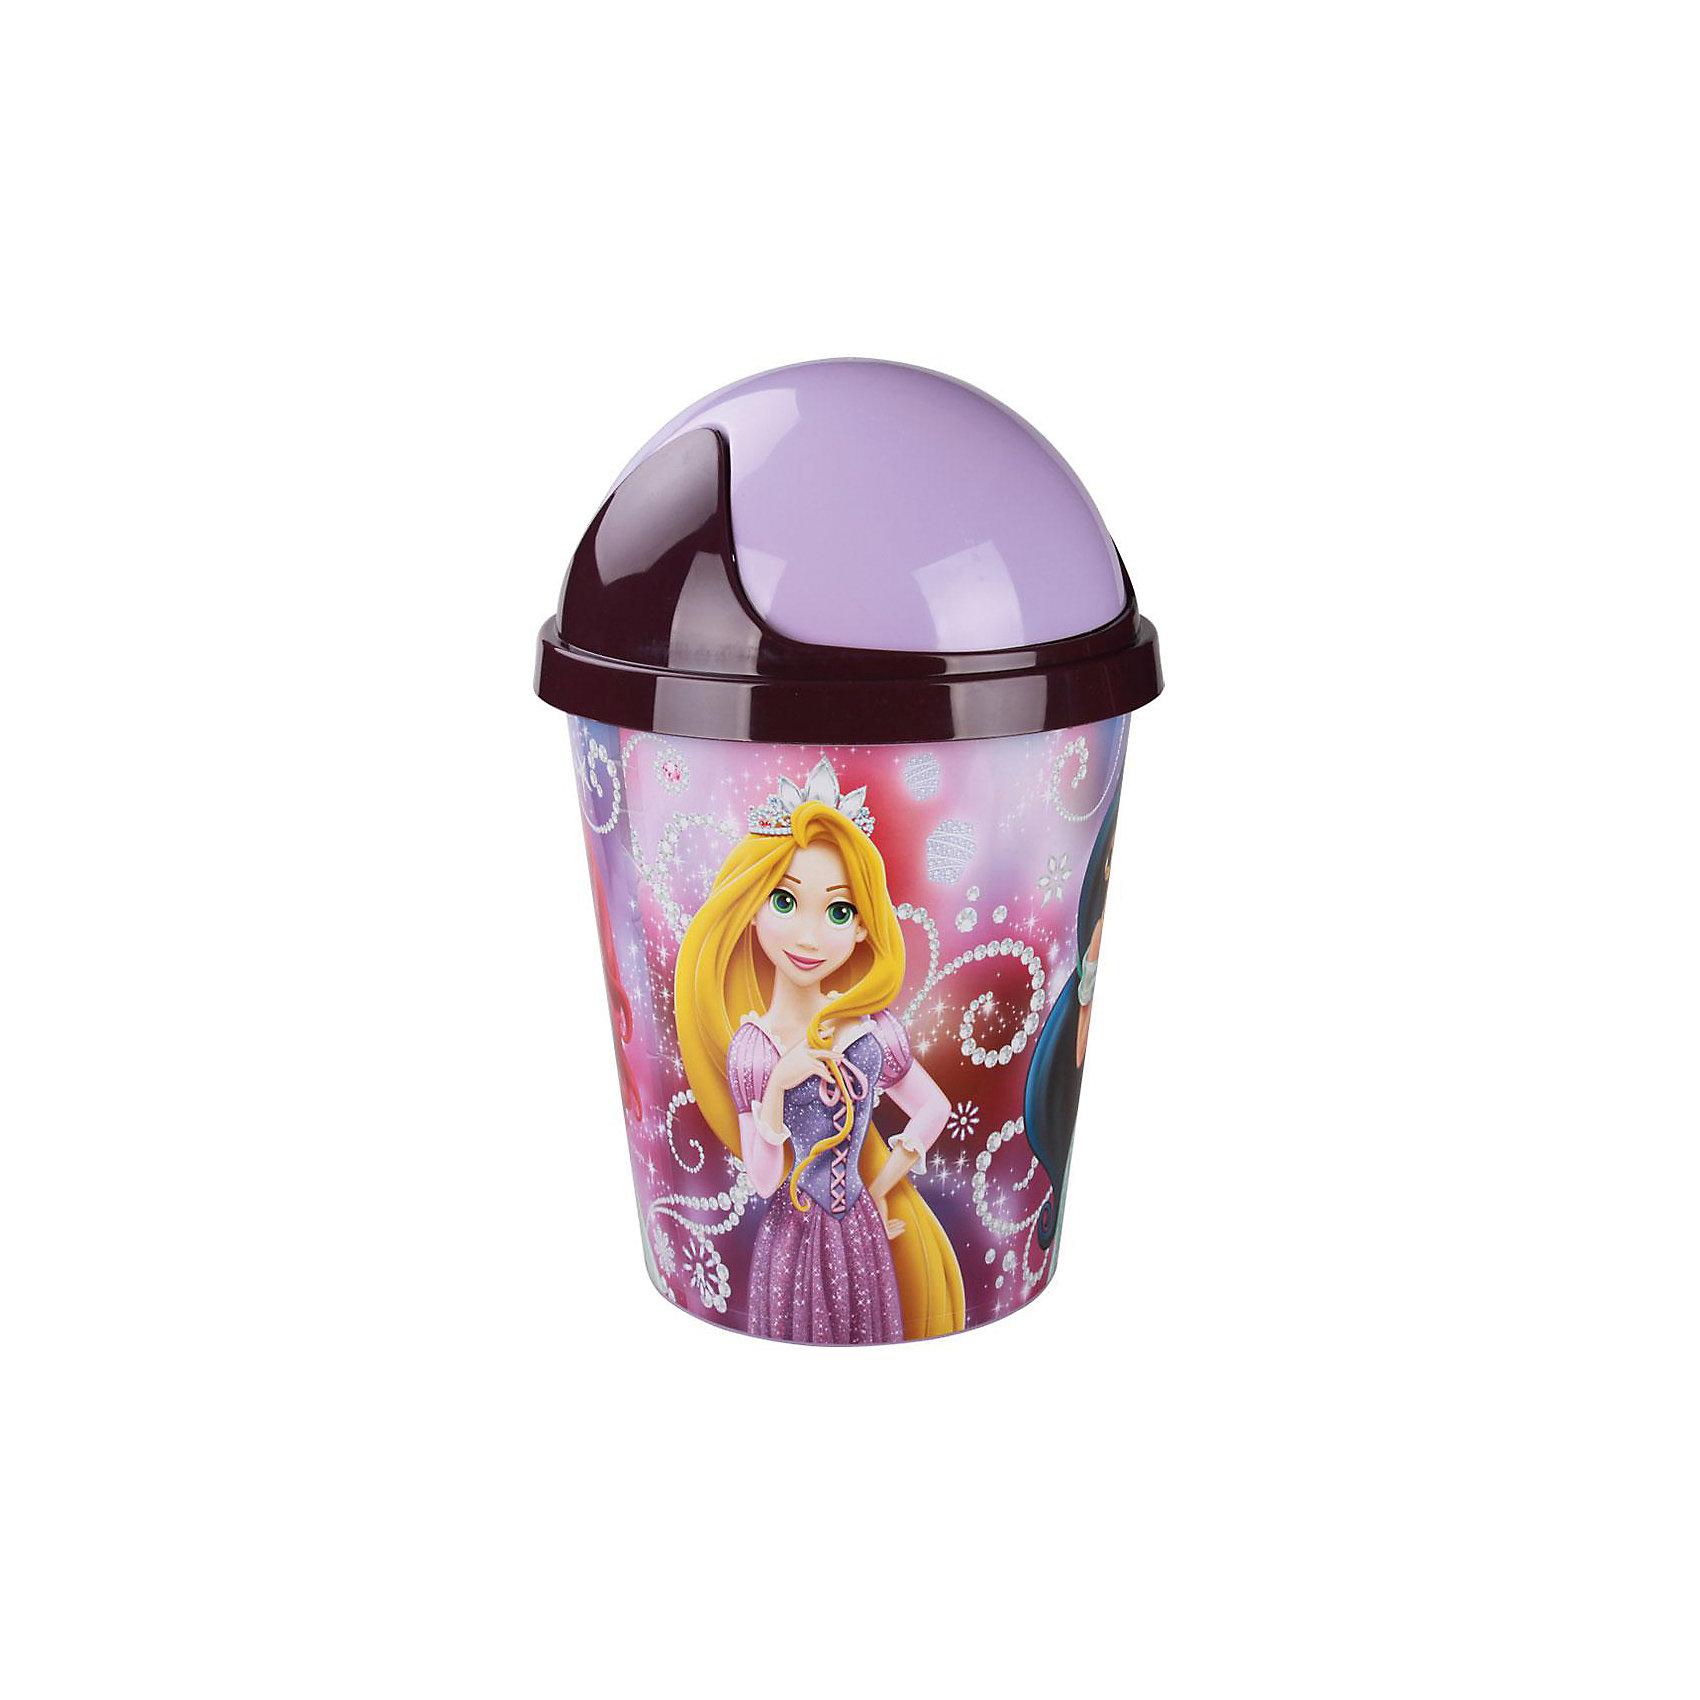 Контейнер для мусора  Принцессы-Дисней 10л ,  AlternativaПорядок в детской<br>Контейнер для мусора Принцессы-Дисней изготовлен из пластика, имеет удобную крышку, открывающуюся одним движением руки. Контейнер украшен ярким рисунком с изображением принцесс Дисней. Отлично подойдет для девочек!<br><br>Дополнительная информация:<br>Сказочные персонажи: Золушка, Жасмин, Ариэль, Рапунцель<br>Материал: пластик<br>Объем: 10л<br>Размер: 40х27х27 см<br>Вы можете купить контейнер для мусора Принцессы-Дисней в нашем интернет-магазине.<br><br>Ширина мм: 270<br>Глубина мм: 270<br>Высота мм: 400<br>Вес г: 429<br>Возраст от месяцев: 36<br>Возраст до месяцев: 144<br>Пол: Унисекс<br>Возраст: Детский<br>SKU: 4979729